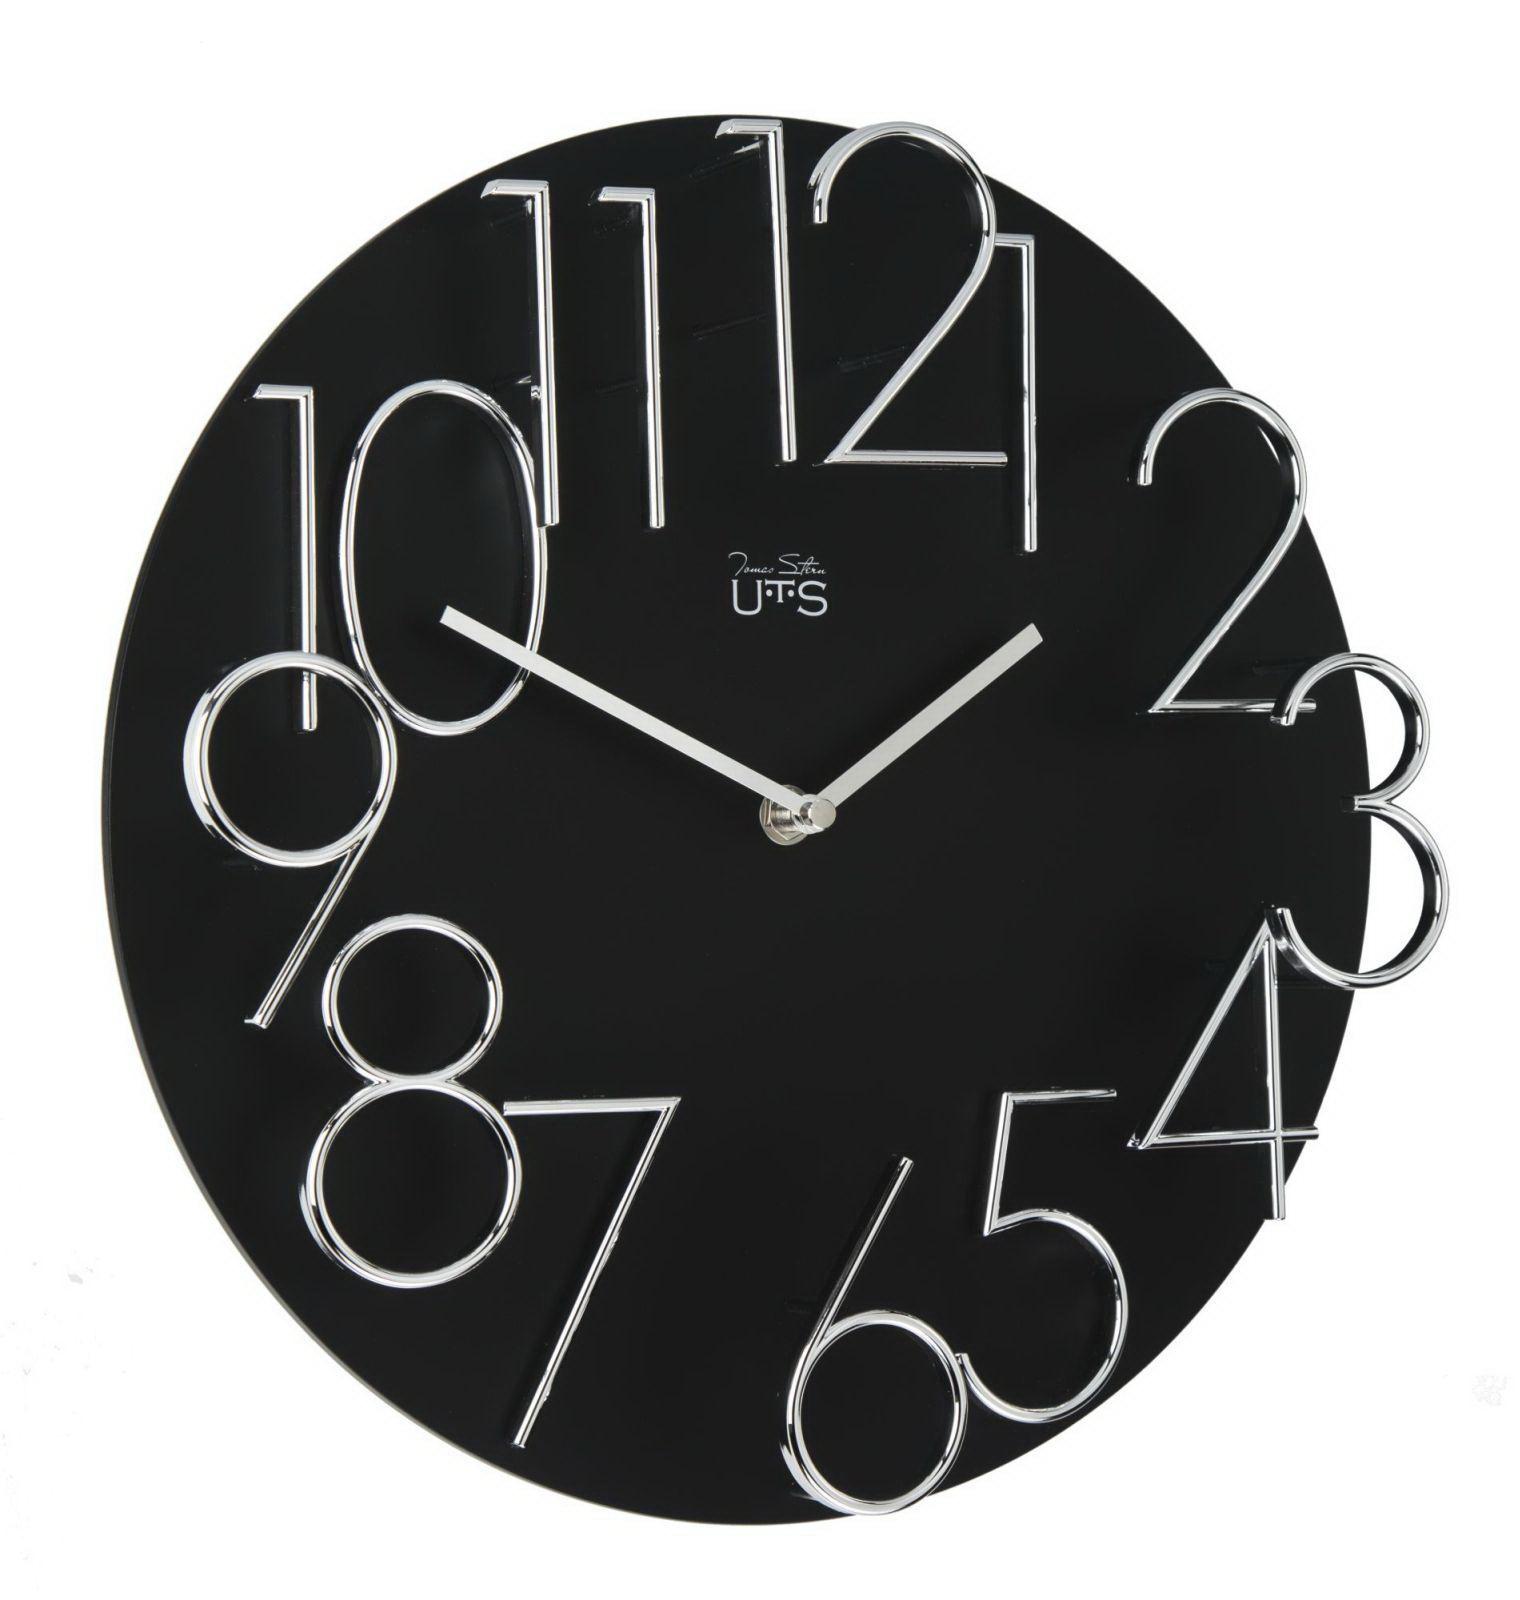 Часы настенные Часы настенные Tomas Stern 8004 chasy-nastennye-tomas-stern-8004.jpg